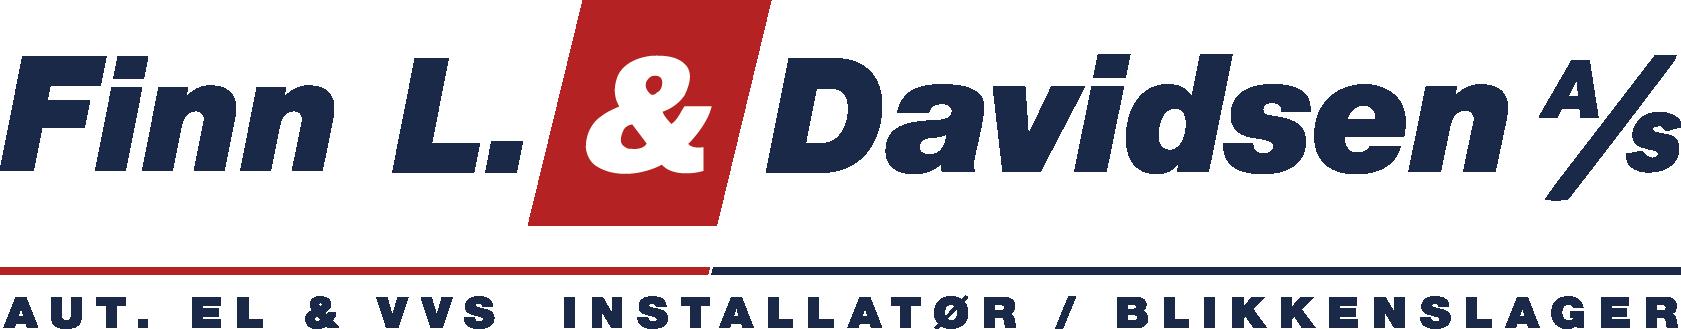 Finn L. & Davidsen A/S